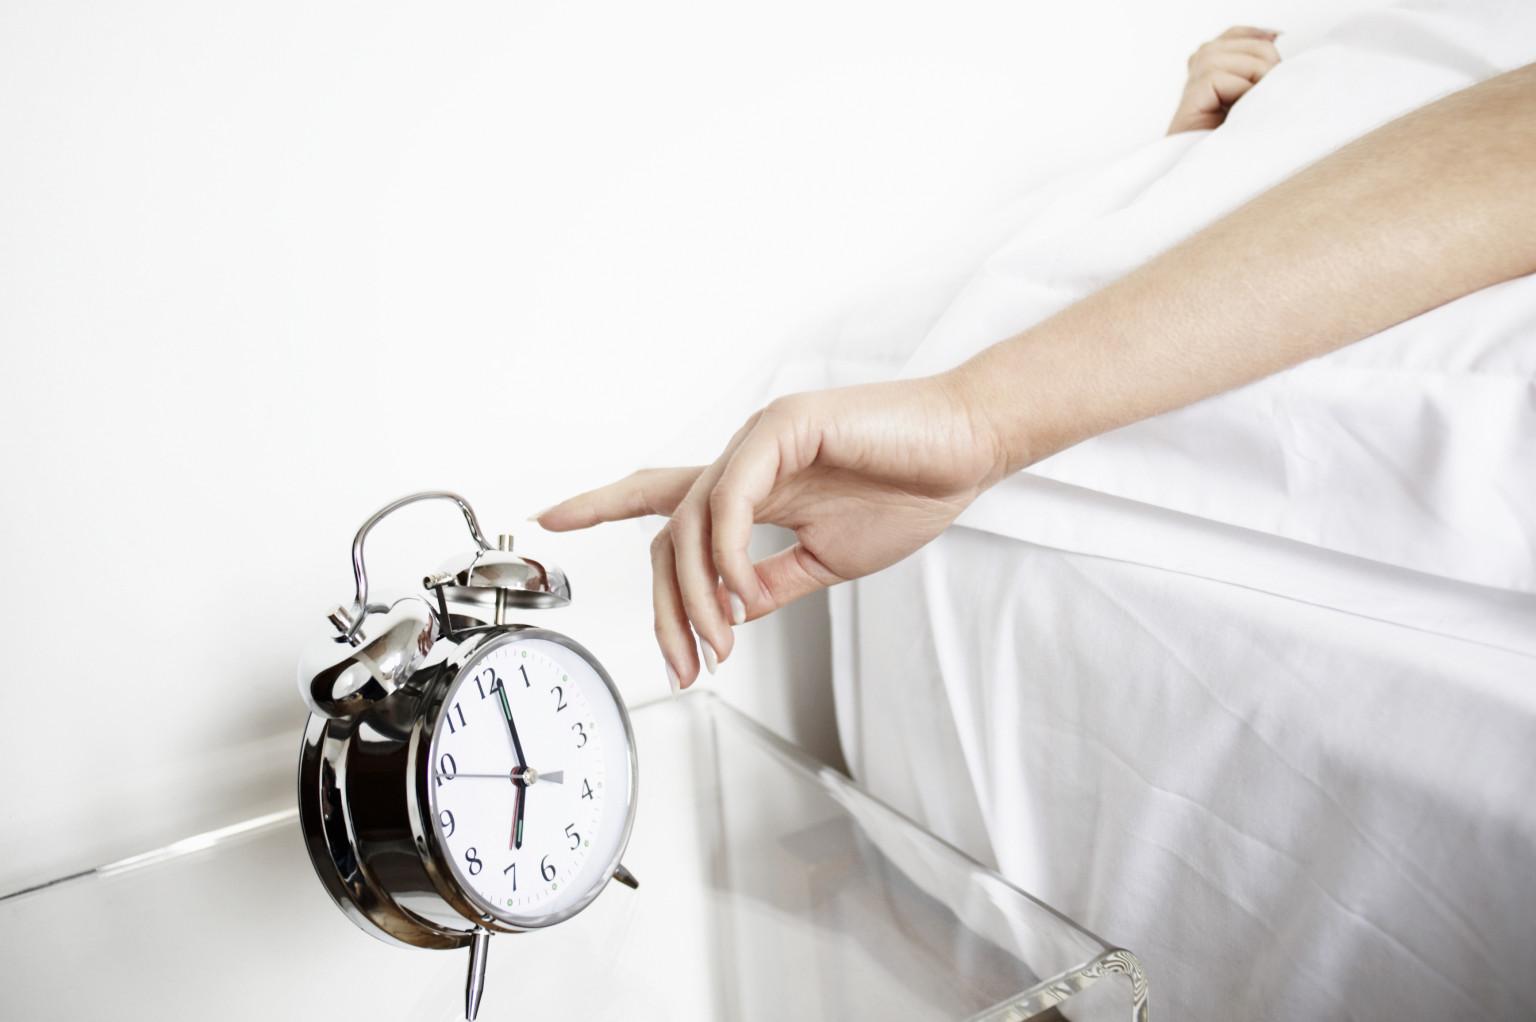 R veil matin les meilleurs conseils pour se r veiller facilement et heureux le matin - Personne qui repare les cheminees ...